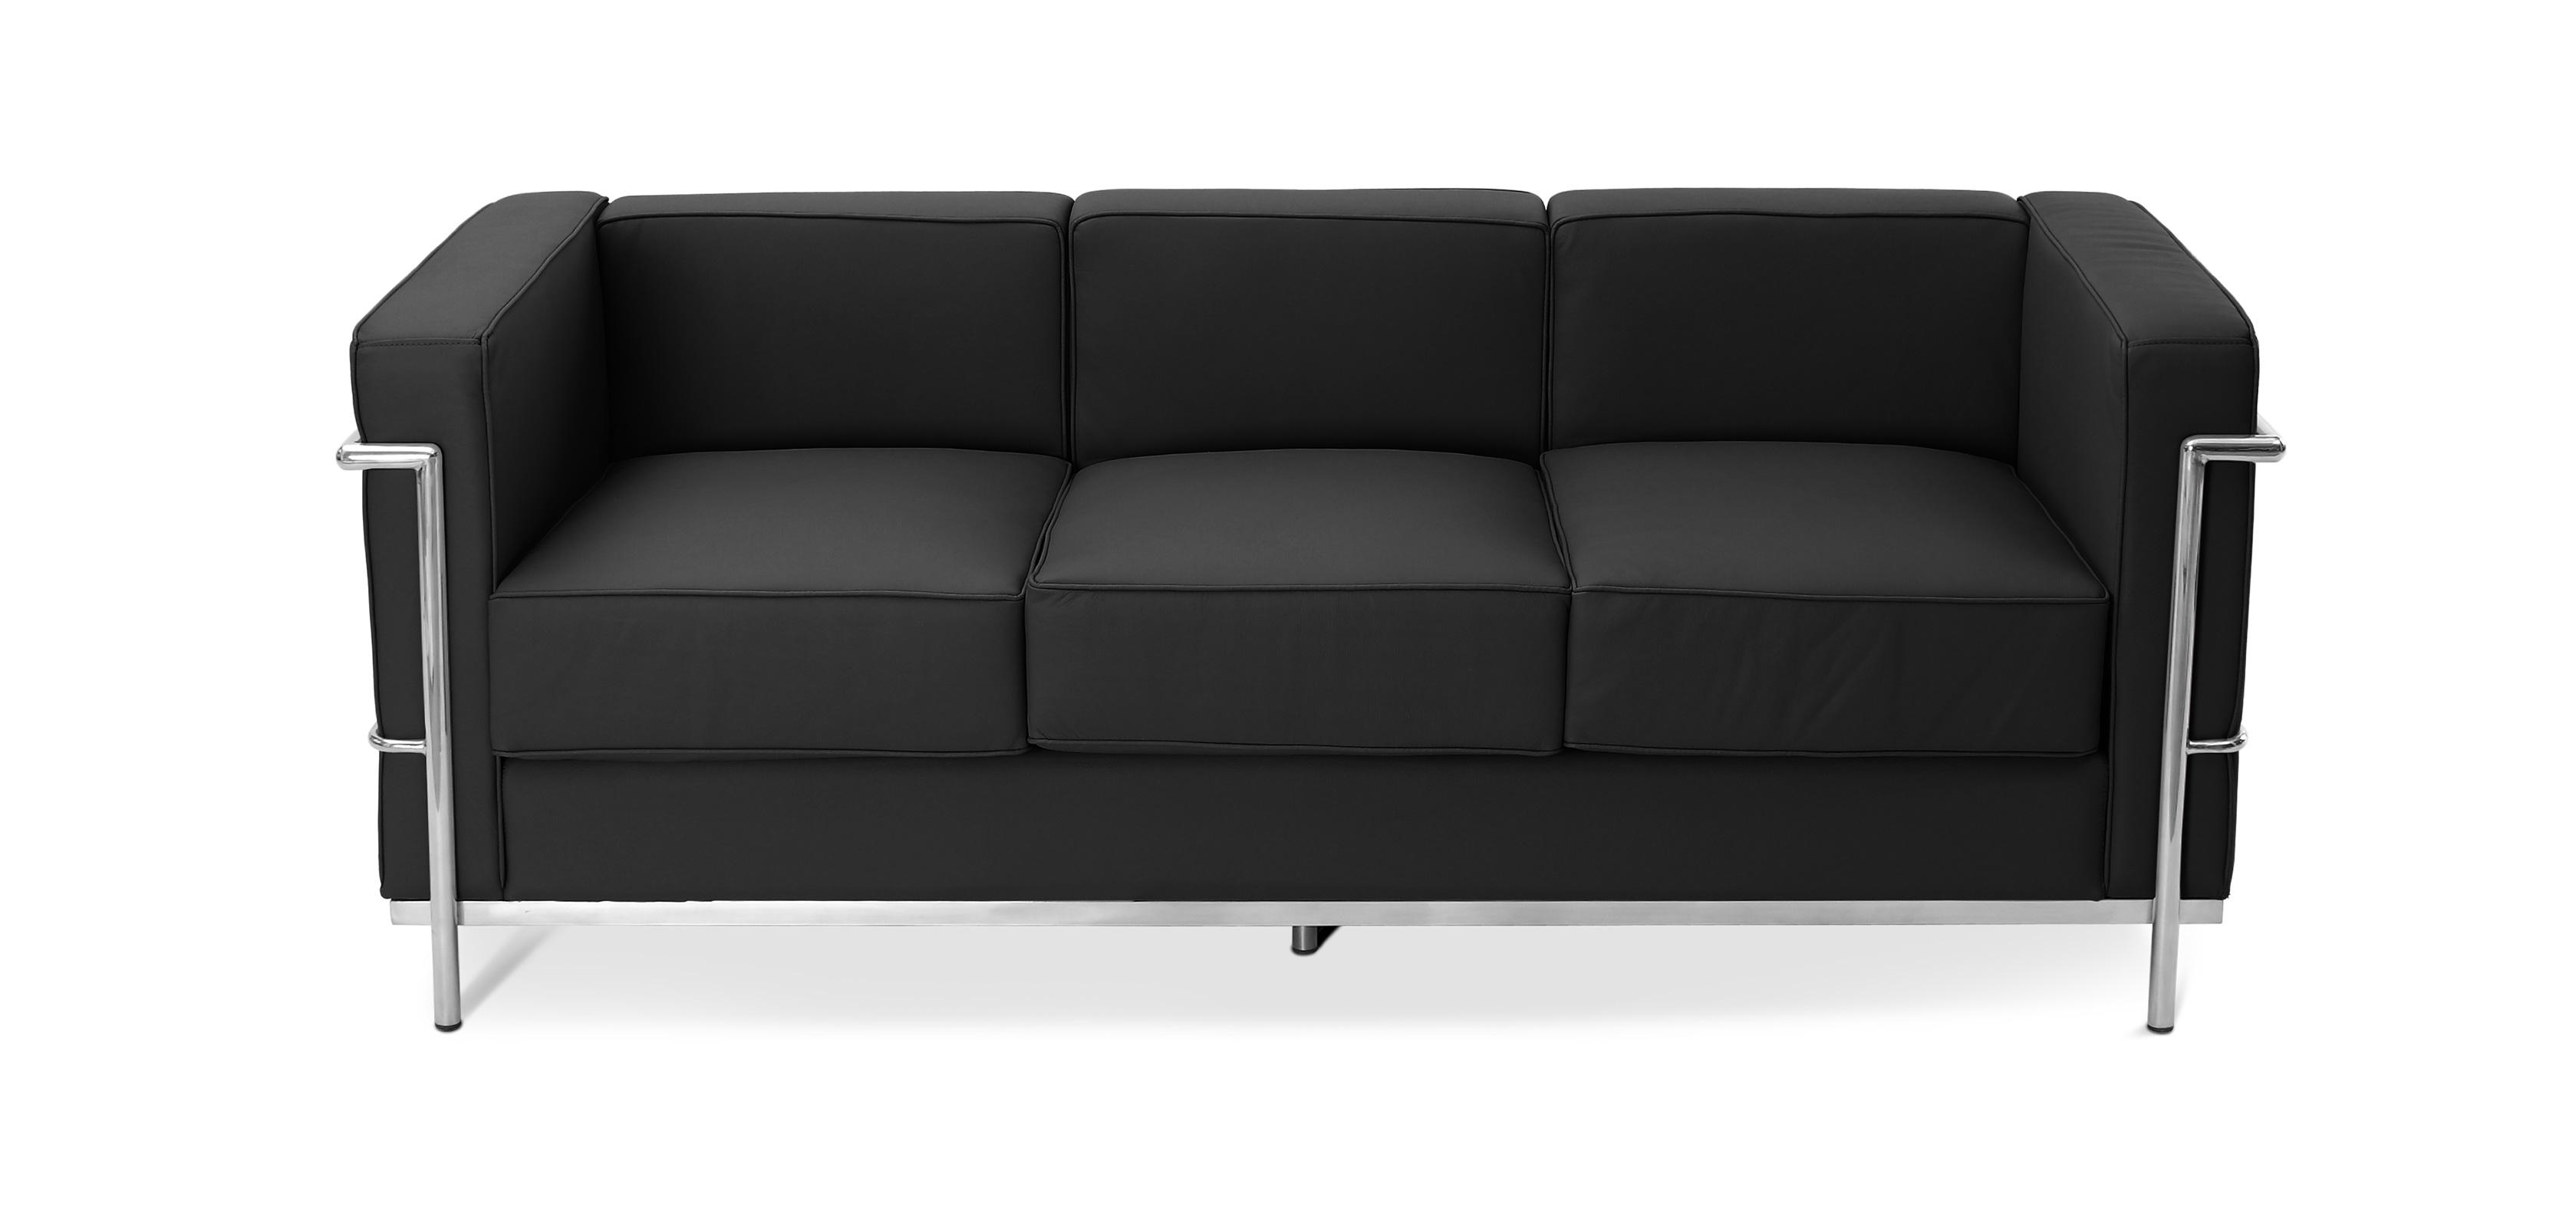 design sofa kart2 dreisitzer hochwertiges leder. Black Bedroom Furniture Sets. Home Design Ideas